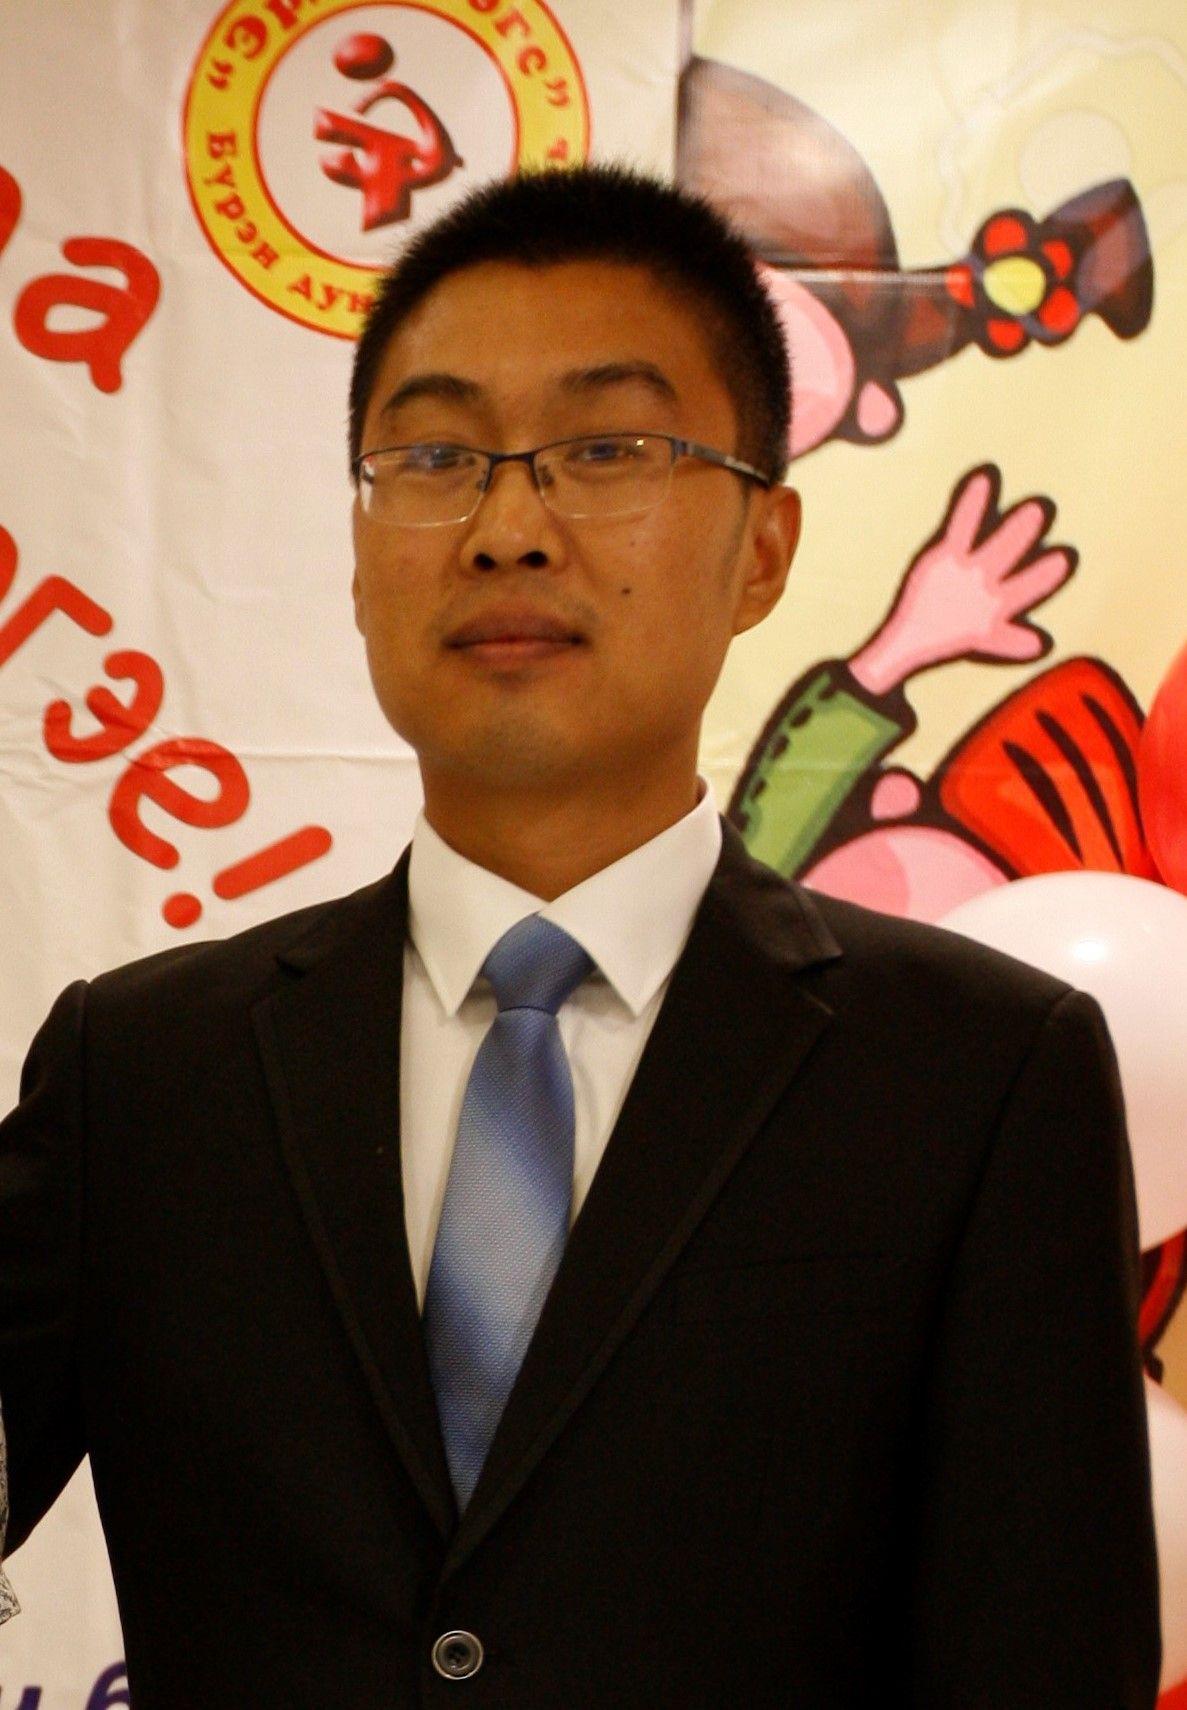 Yuin Huajie